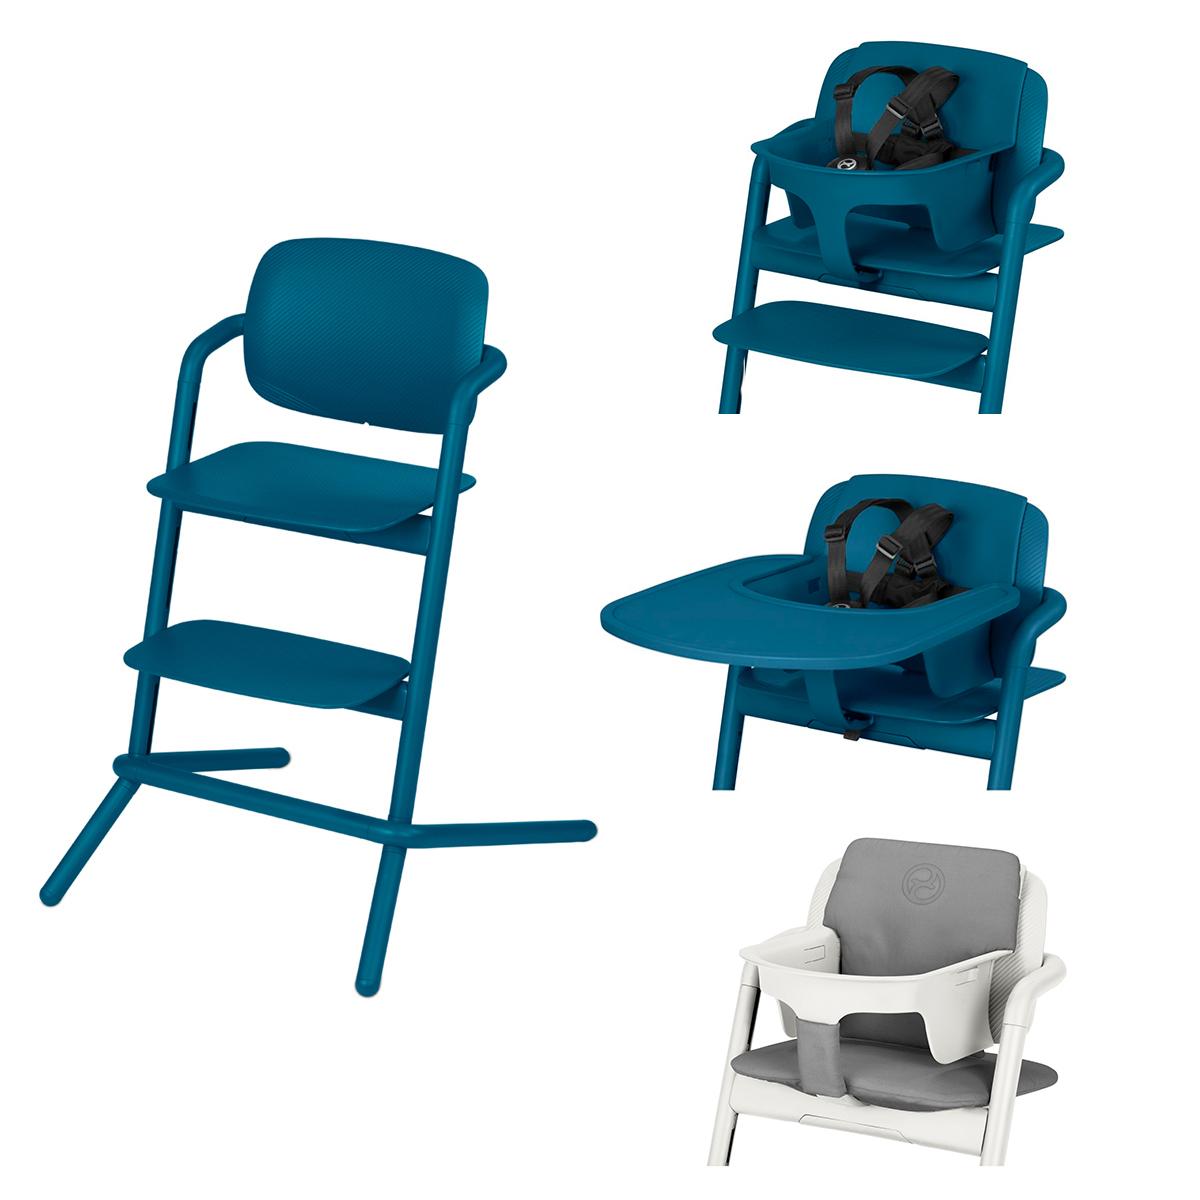 Chaise haute Chaise Haute Lemo Complète - Twilight Blue Chaise Haute Lemo + Plateau pour Chaise Haute Lemo + Baby Set Lemo + Coussin Réducteur Lemo - Twilight Blue